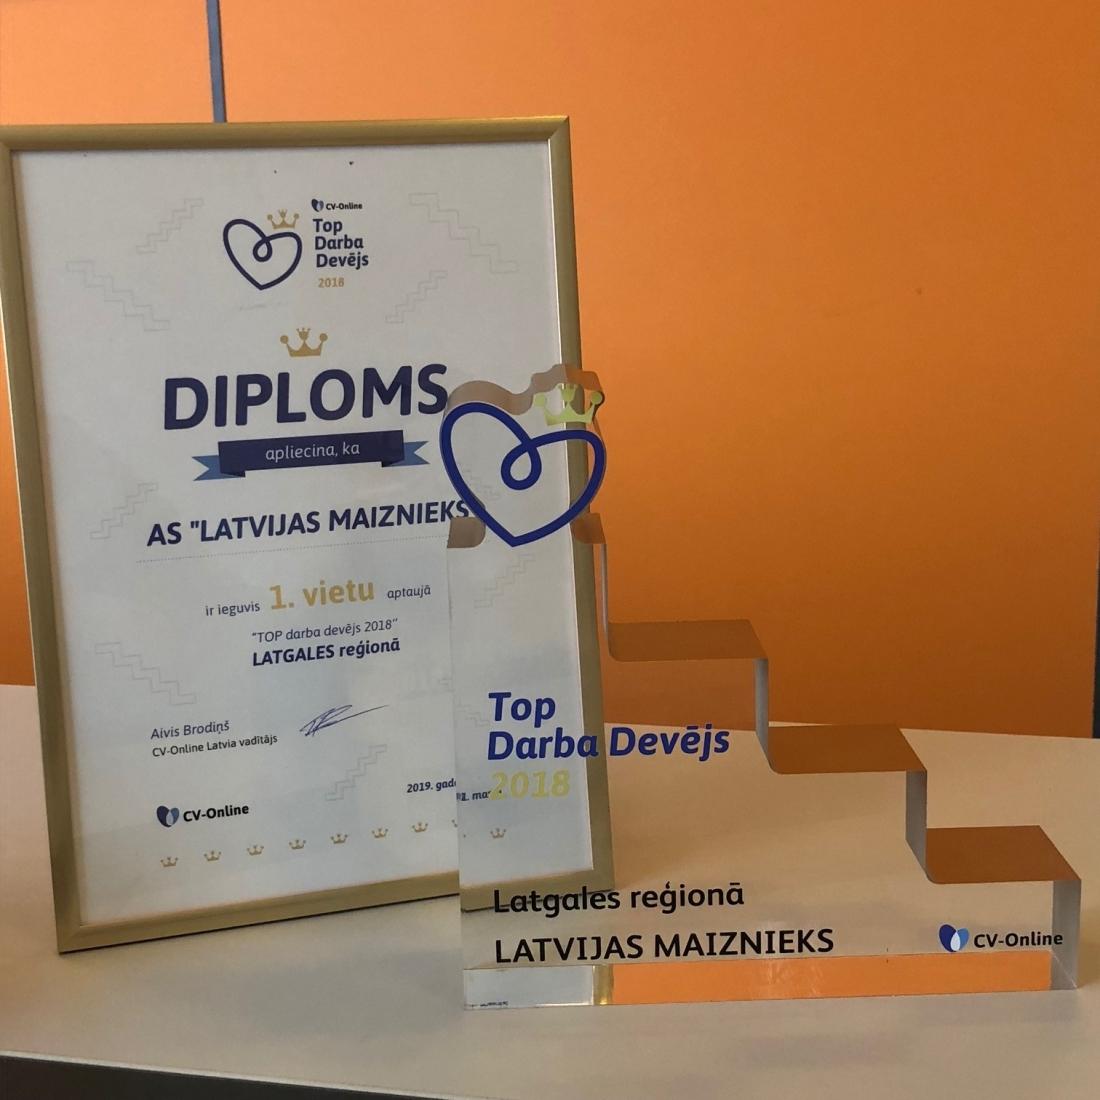 """AS """"LATVIJAS MAIZNIEKS"""" пятый год подряд признан лучшим работодателем в Латгальском регионе."""